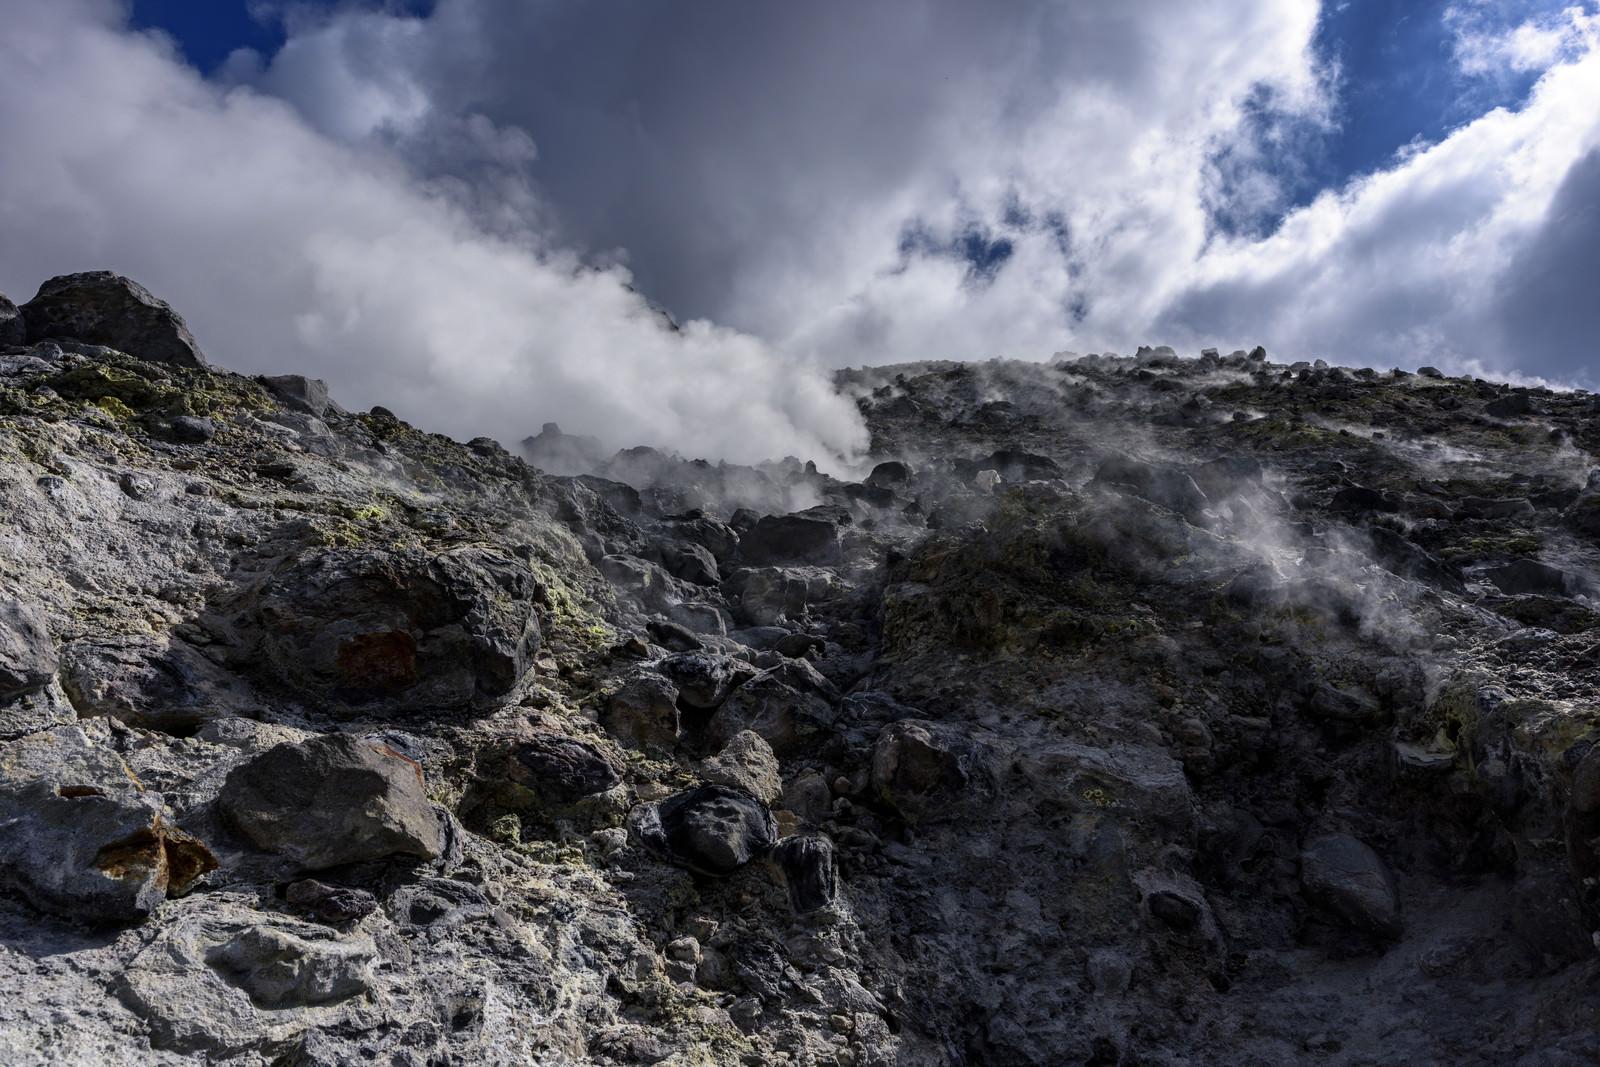 「モクモクと奮起が沸き立つ那須茶臼岳(ちゃうすだけ)」の写真